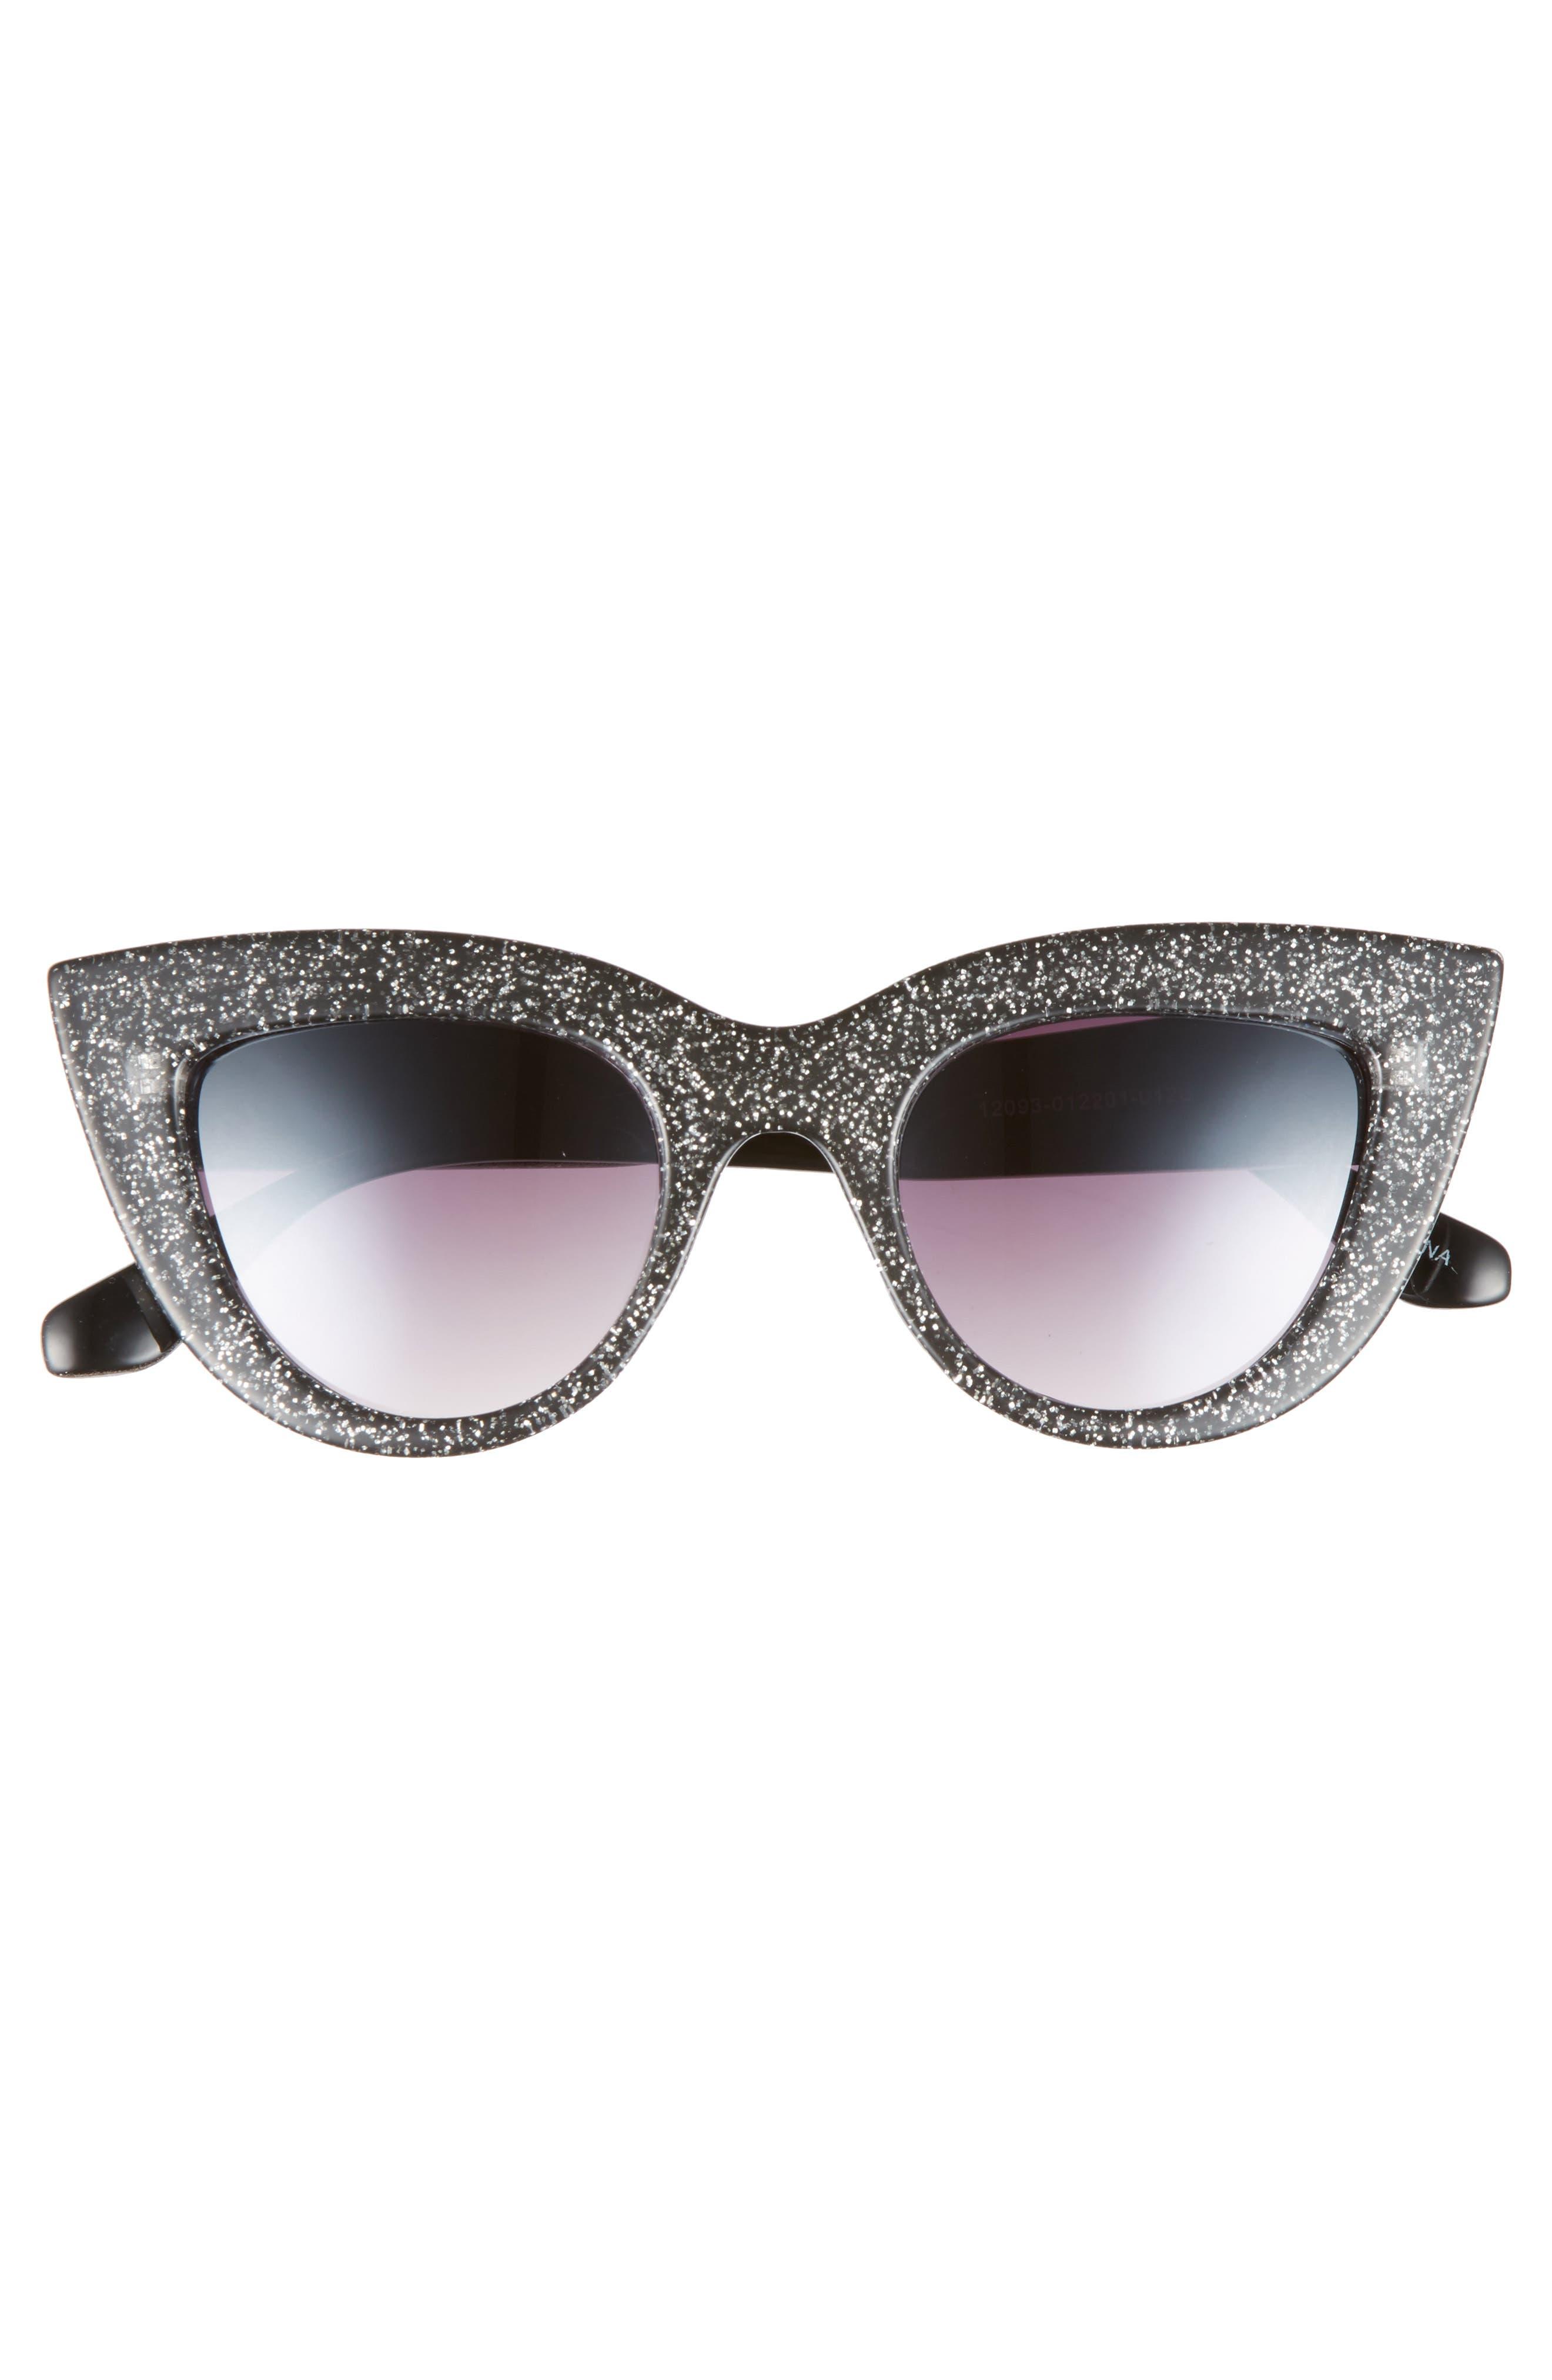 45mm Glitter Cat Eye Sunglasses,                             Alternate thumbnail 3, color,                             001